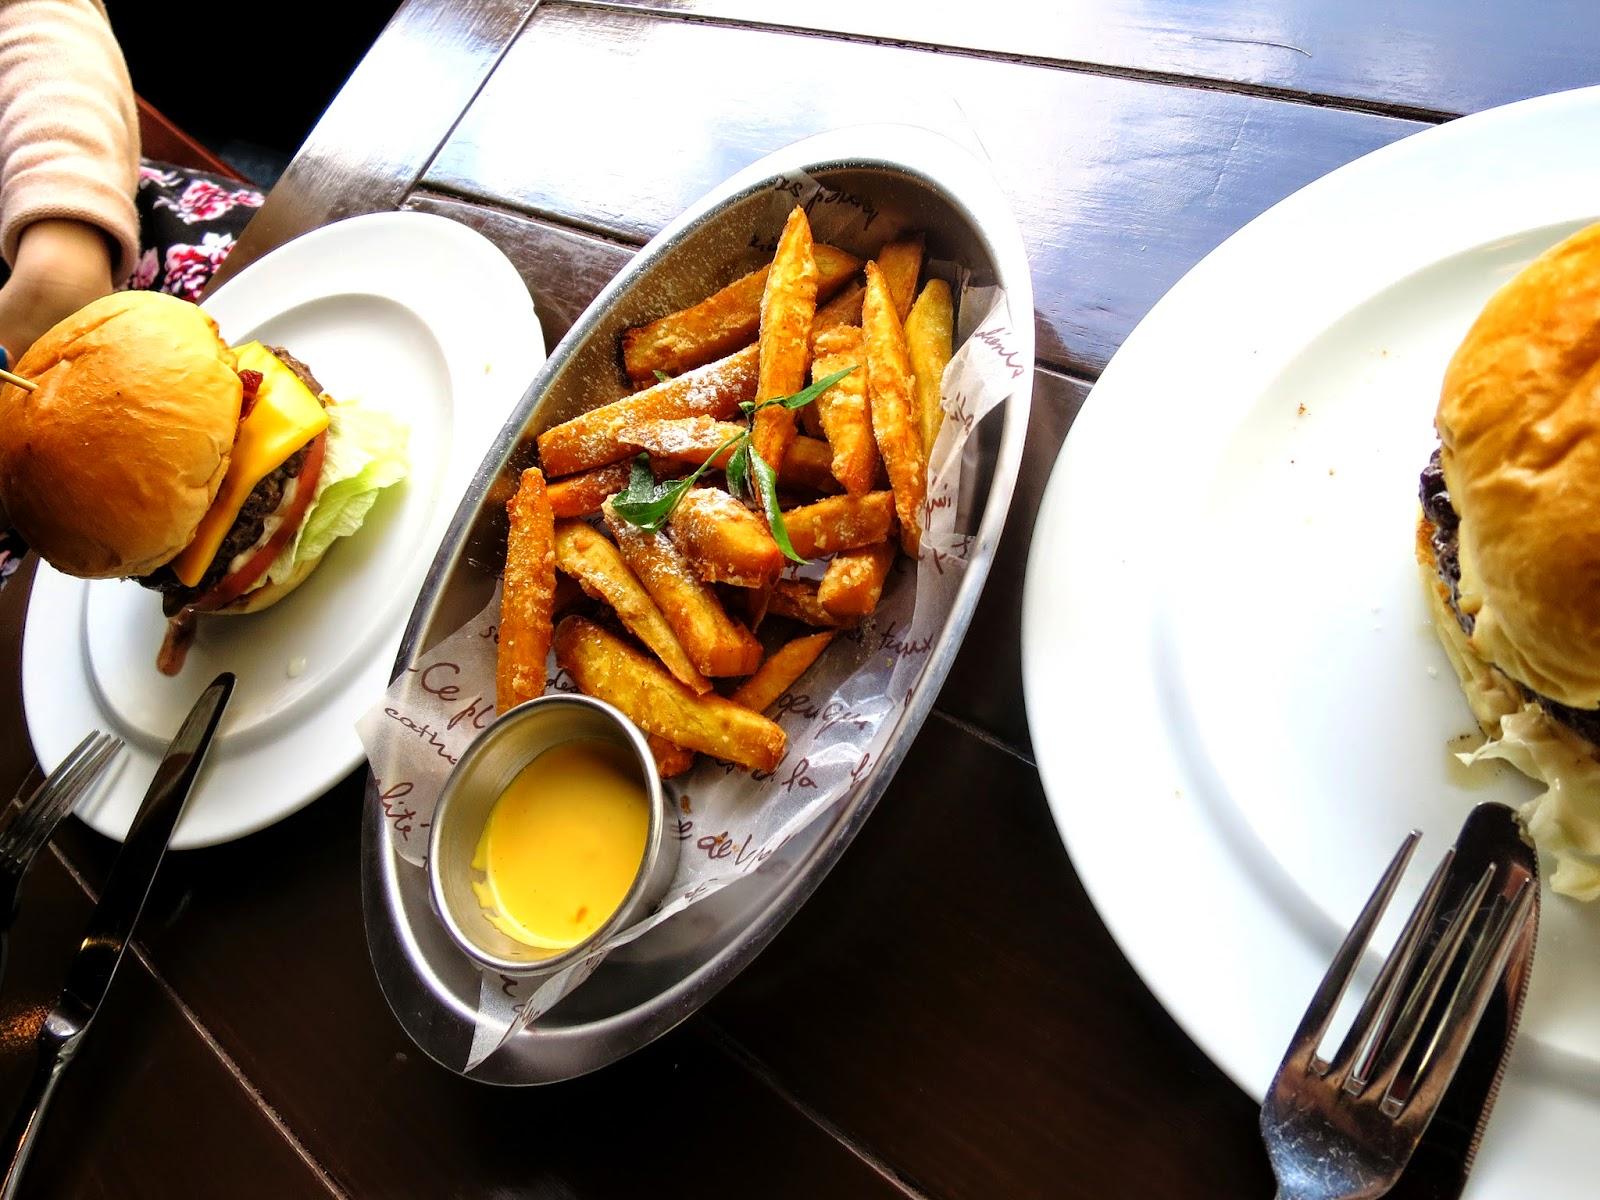 Photo of the Bacon Burger, Miso Burger and Sweet Fries at Burger B's, Hongdae